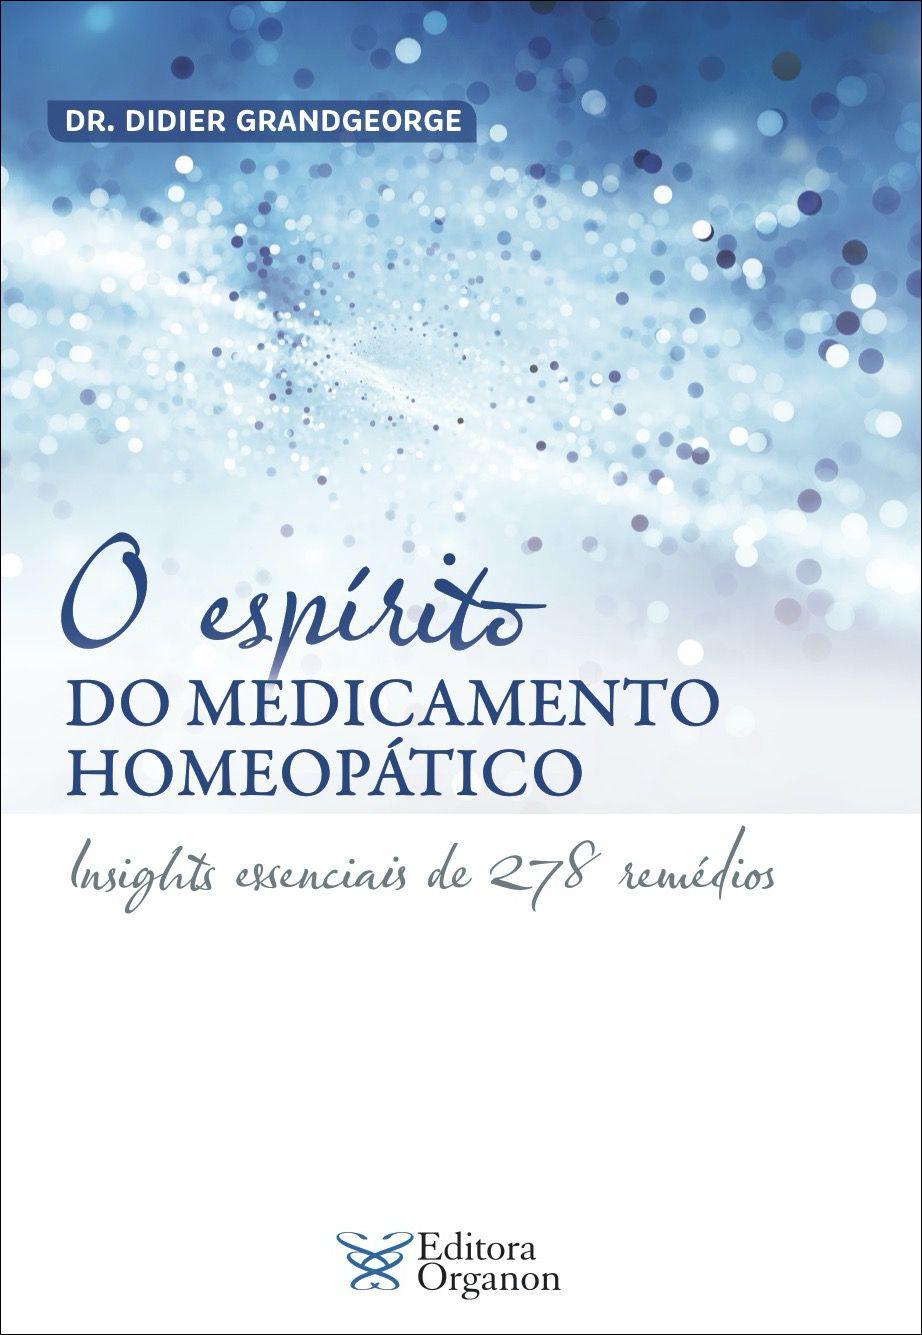 O ESPÍRITO DO MEDICAMENTO HOMEOPÁTICO